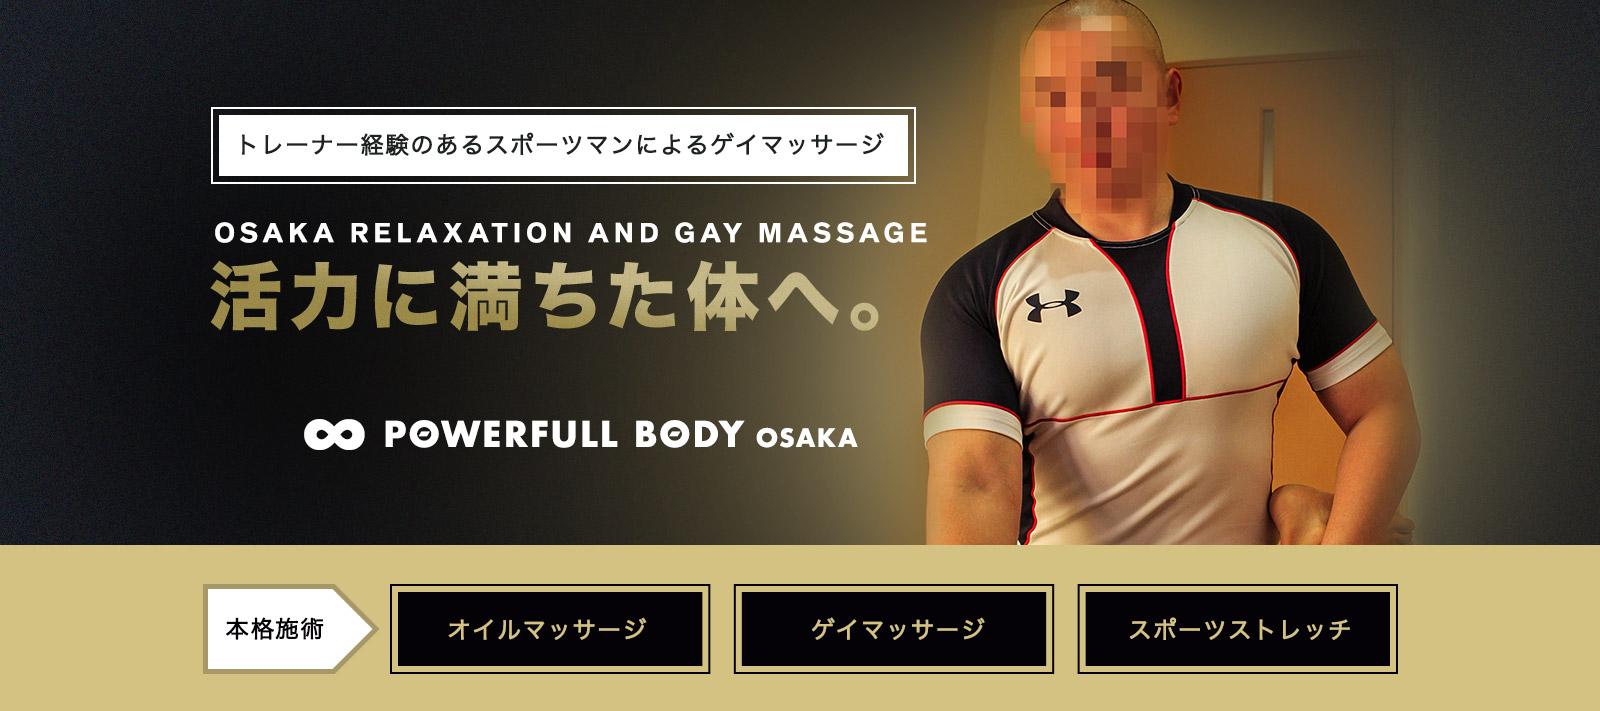 大阪ゲイマッサージPOWERFULLBODYOSAKAはこちら